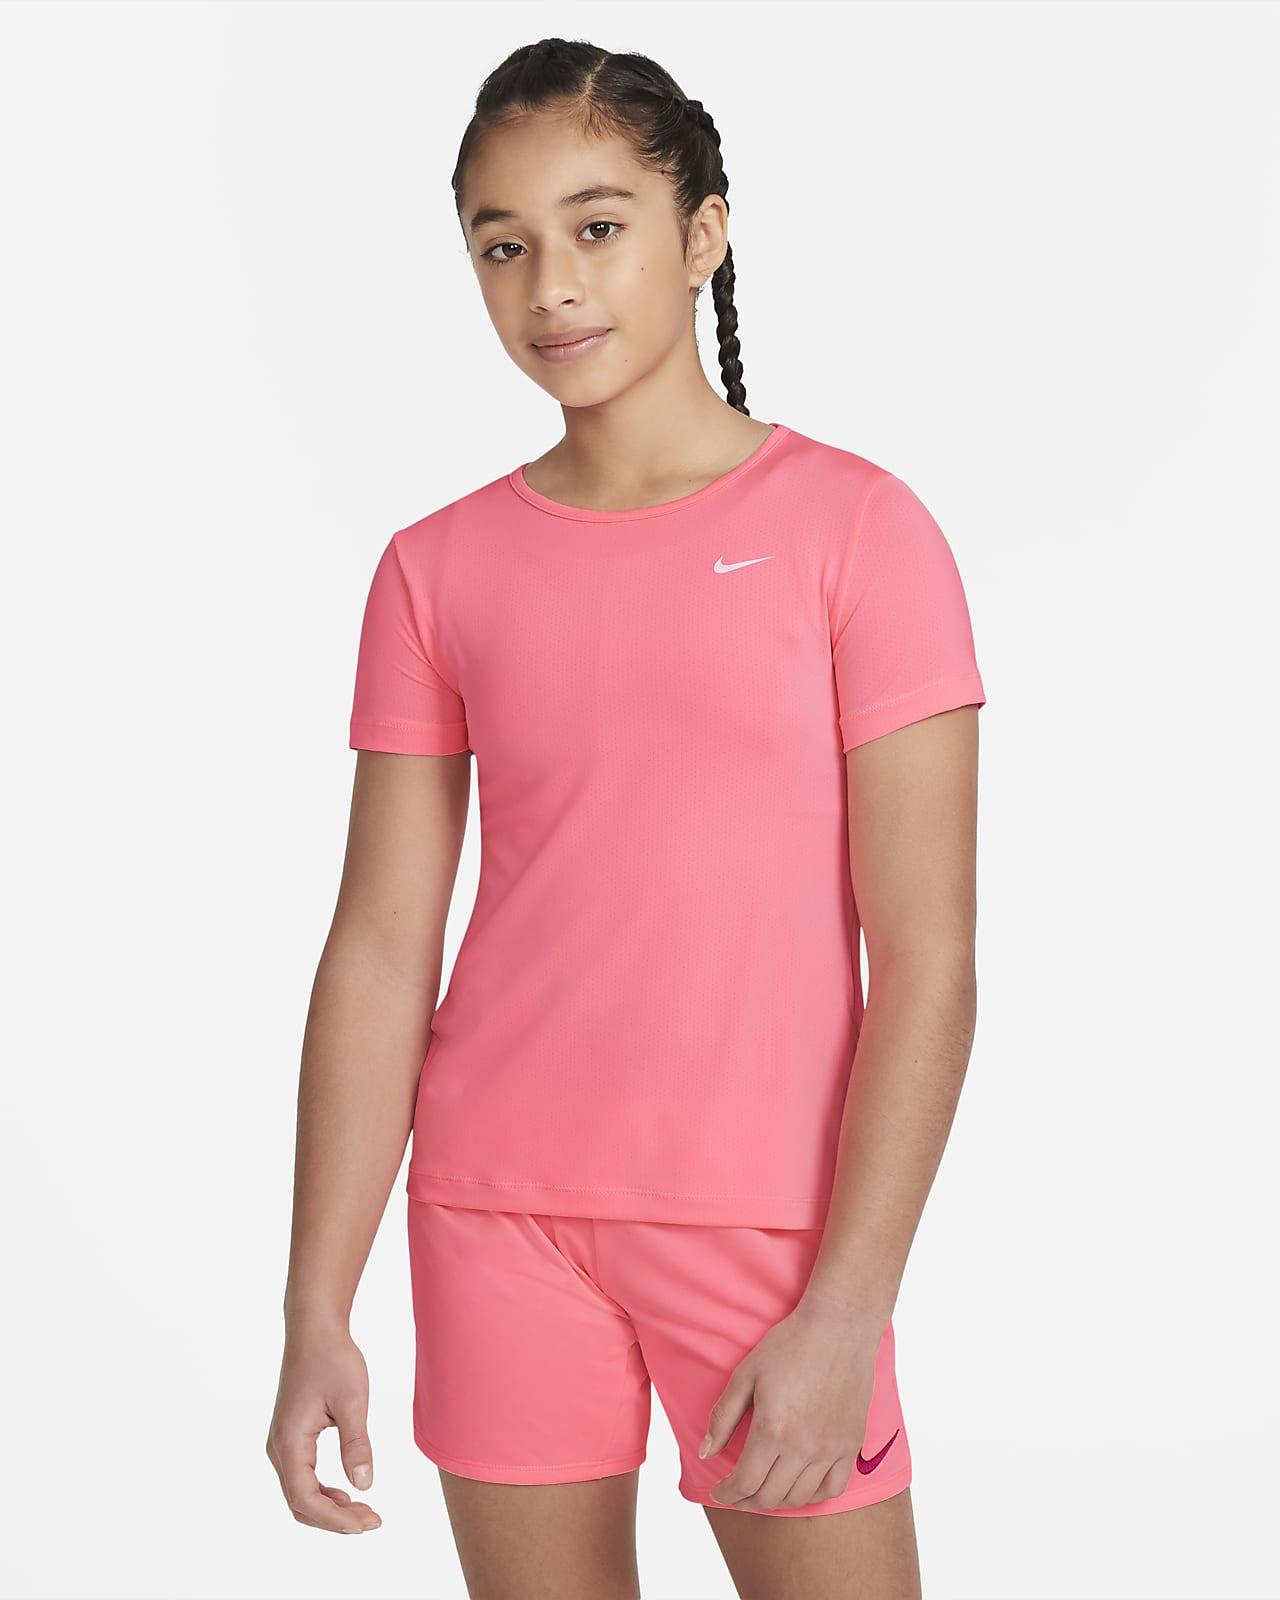 Nike Pro-overdel med korte ærmer til større børn (piger)